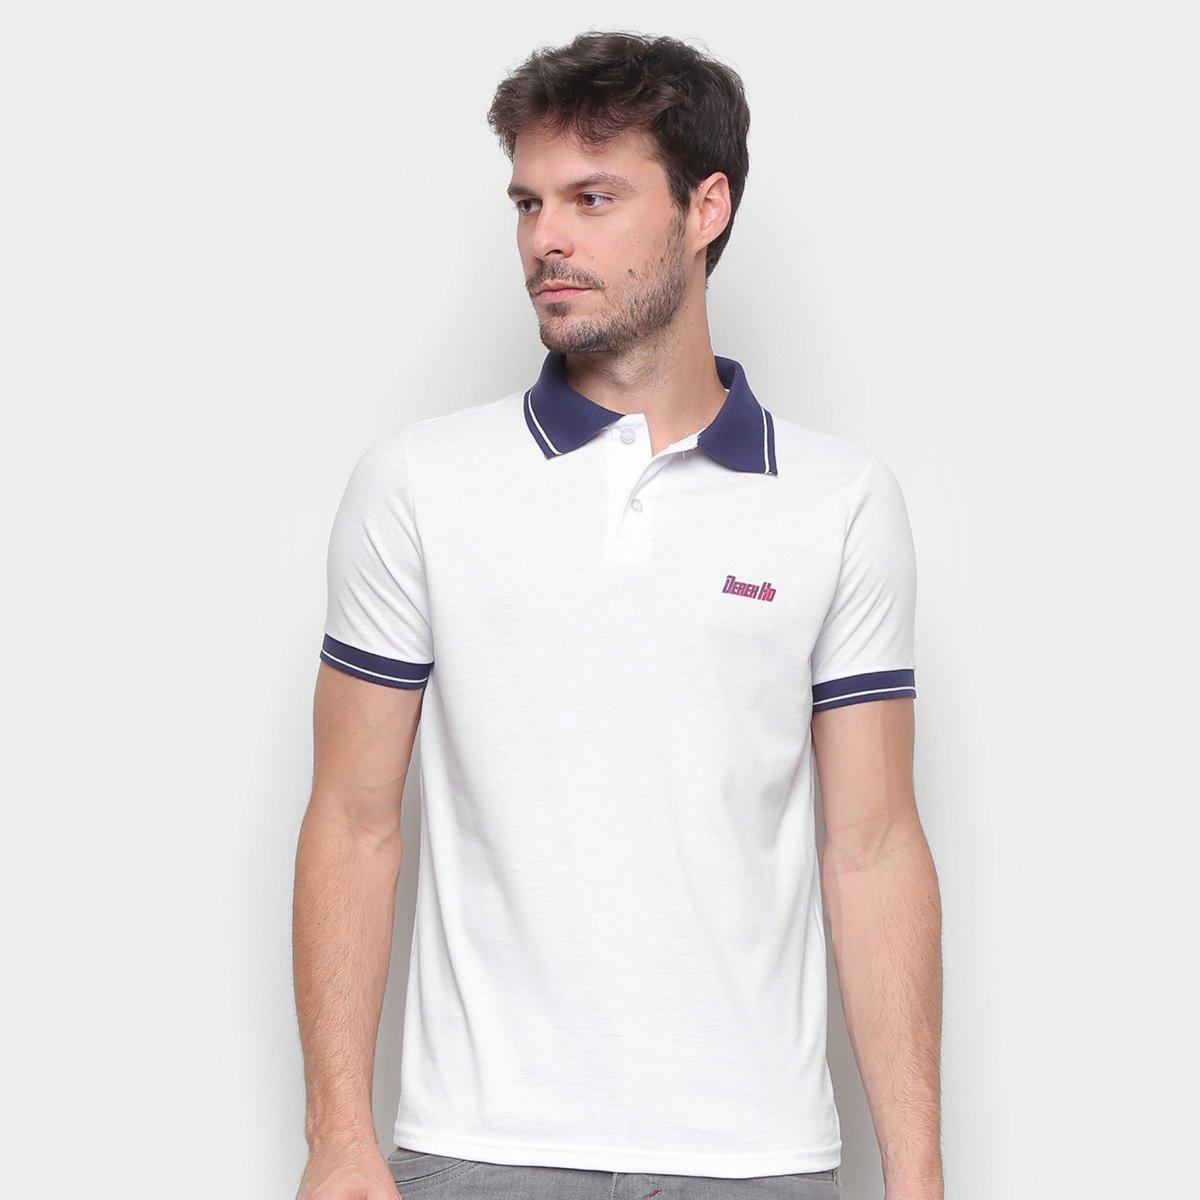 Camisa Polo Derek Ho Assinatura Masculina